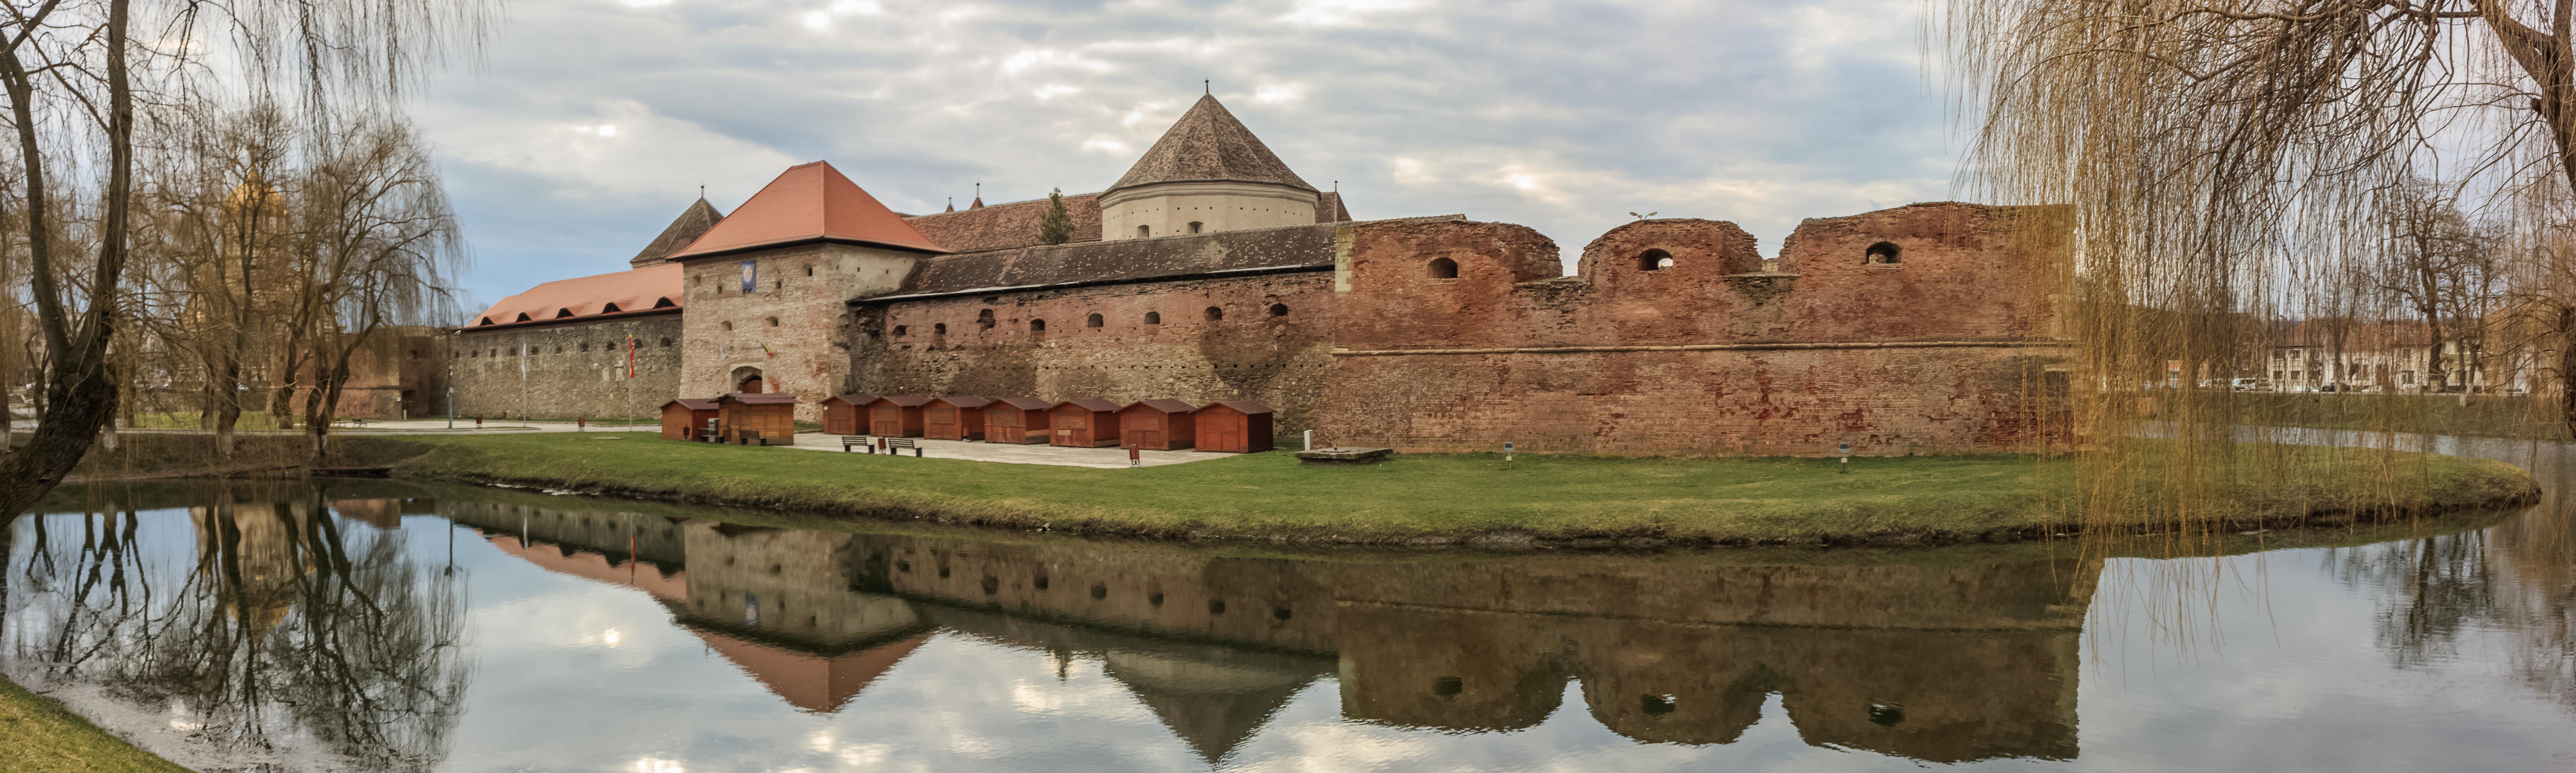 Cetatea Făgăraș 06.jpg